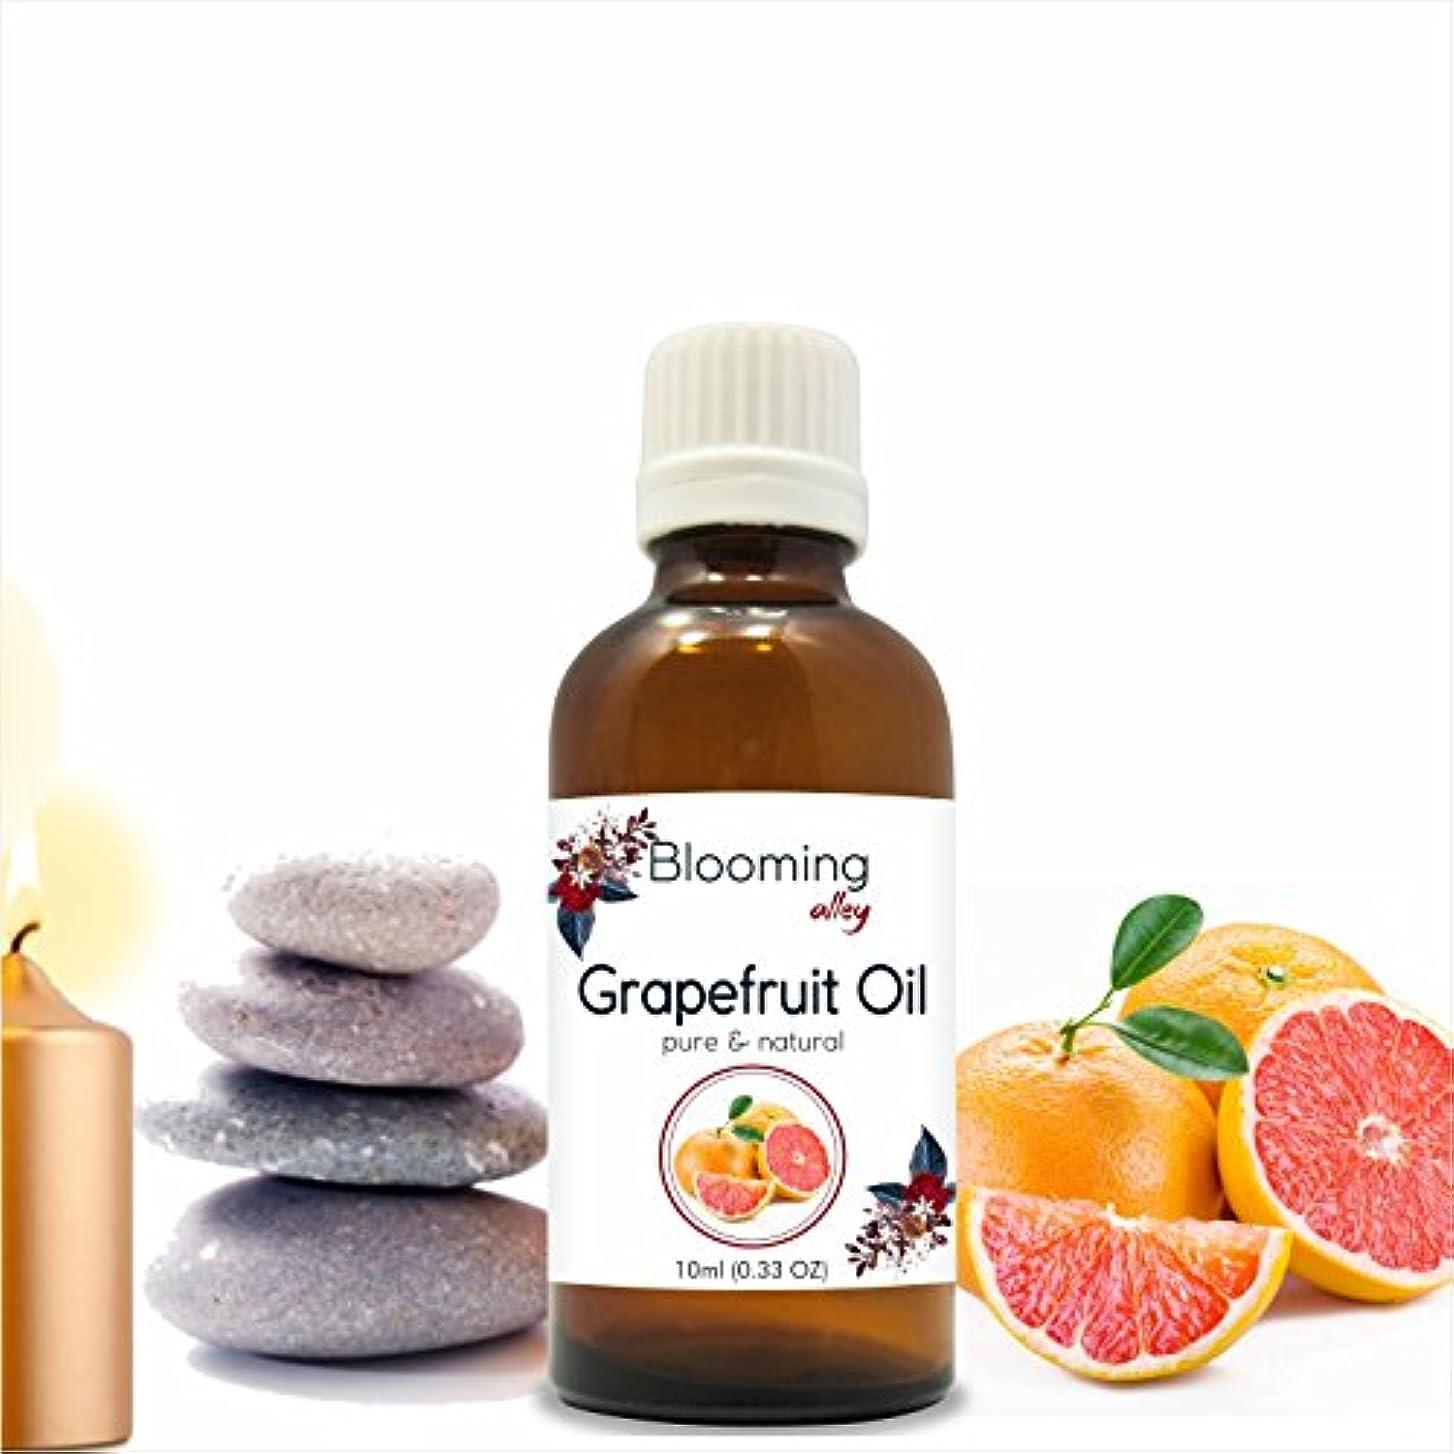 バスケットボールオーガニック反逆者Grapefruit Oil (Citrus Paradisi) Essential Oil 10 ml or 0.33 Fl Oz by Blooming Alley